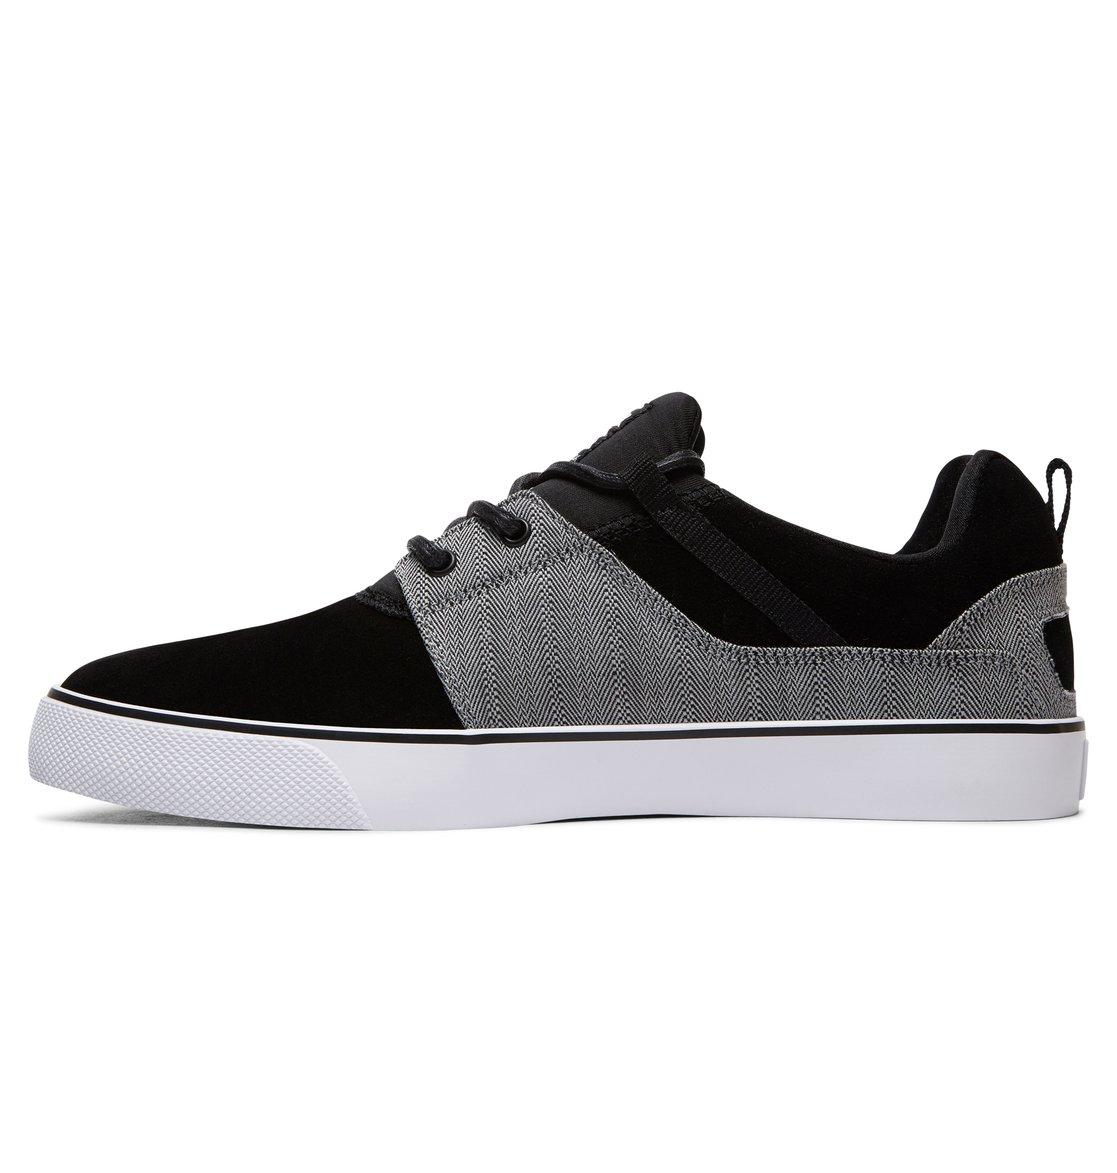 DC Shoes Men's Heathrow Shoes Low Top Shoes Black -13